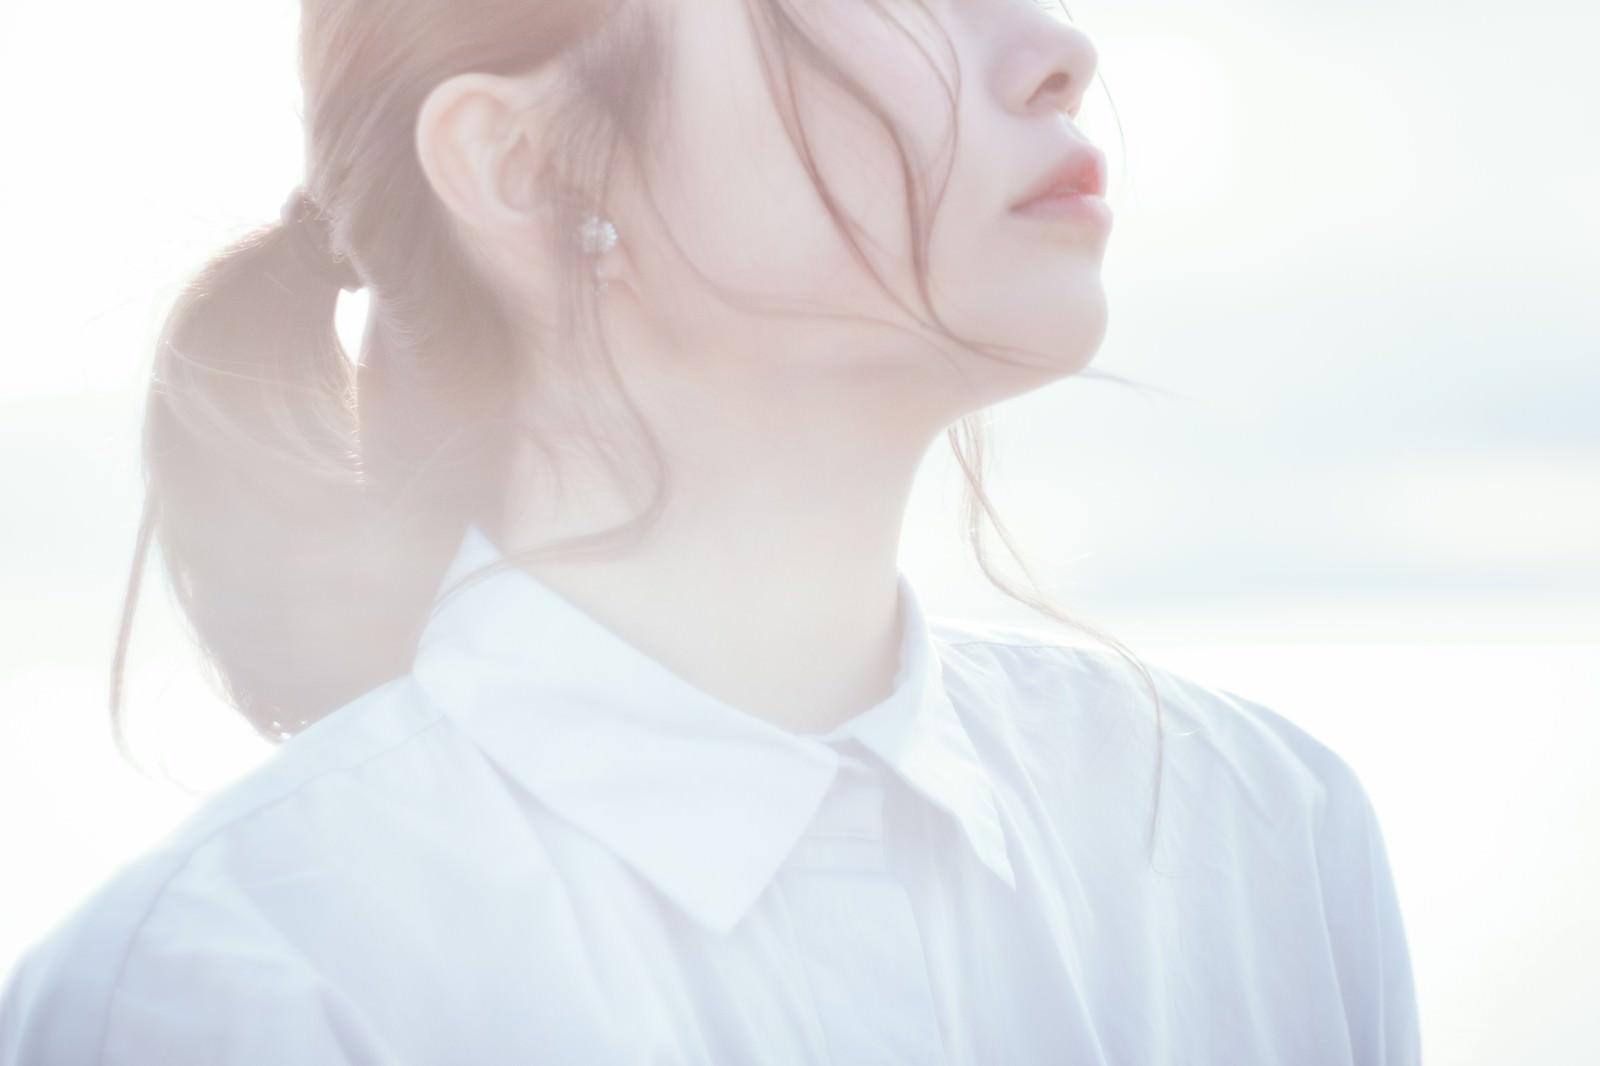 「柔らかい逆光と寂しげな若い女性の横顔柔らかい逆光と寂しげな若い女性の横顔」のフリー写真素材を拡大